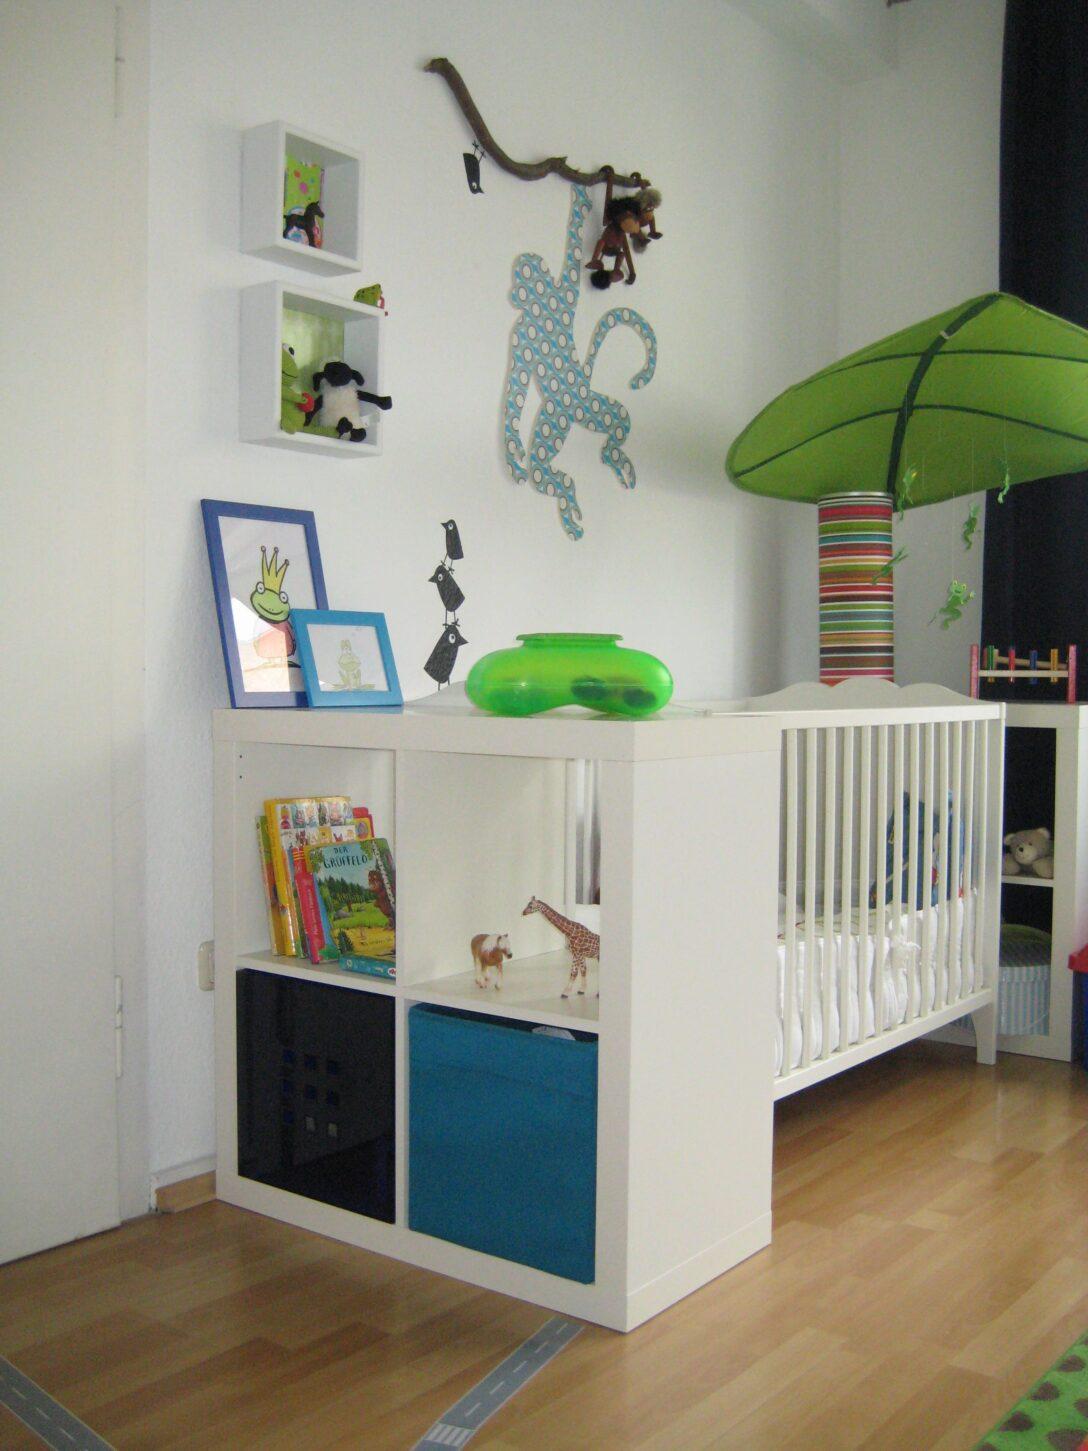 Large Size of Raumteiler Kinderzimmer Regal Sofa Regale Weiß Kinderzimmer Raumteiler Kinderzimmer